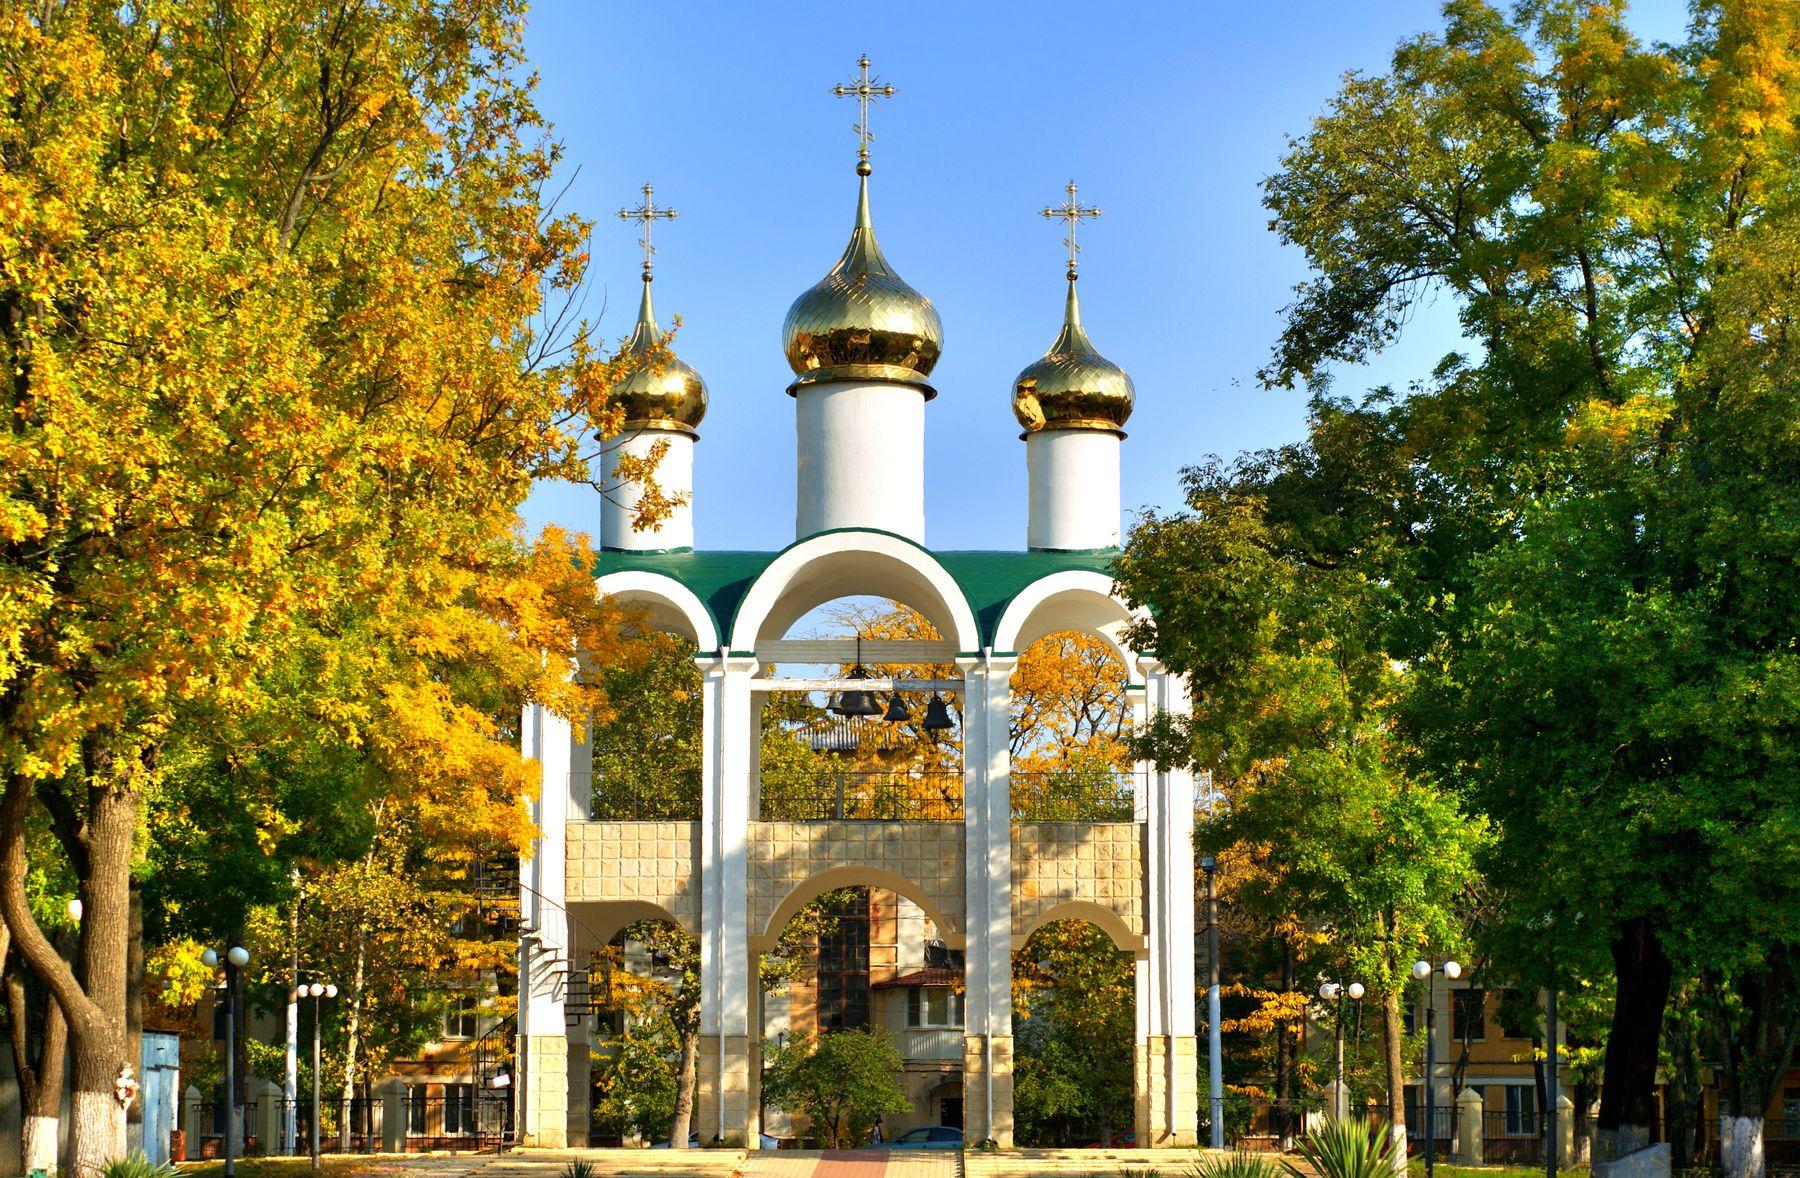 Звонница колокольня парк осень звонница город